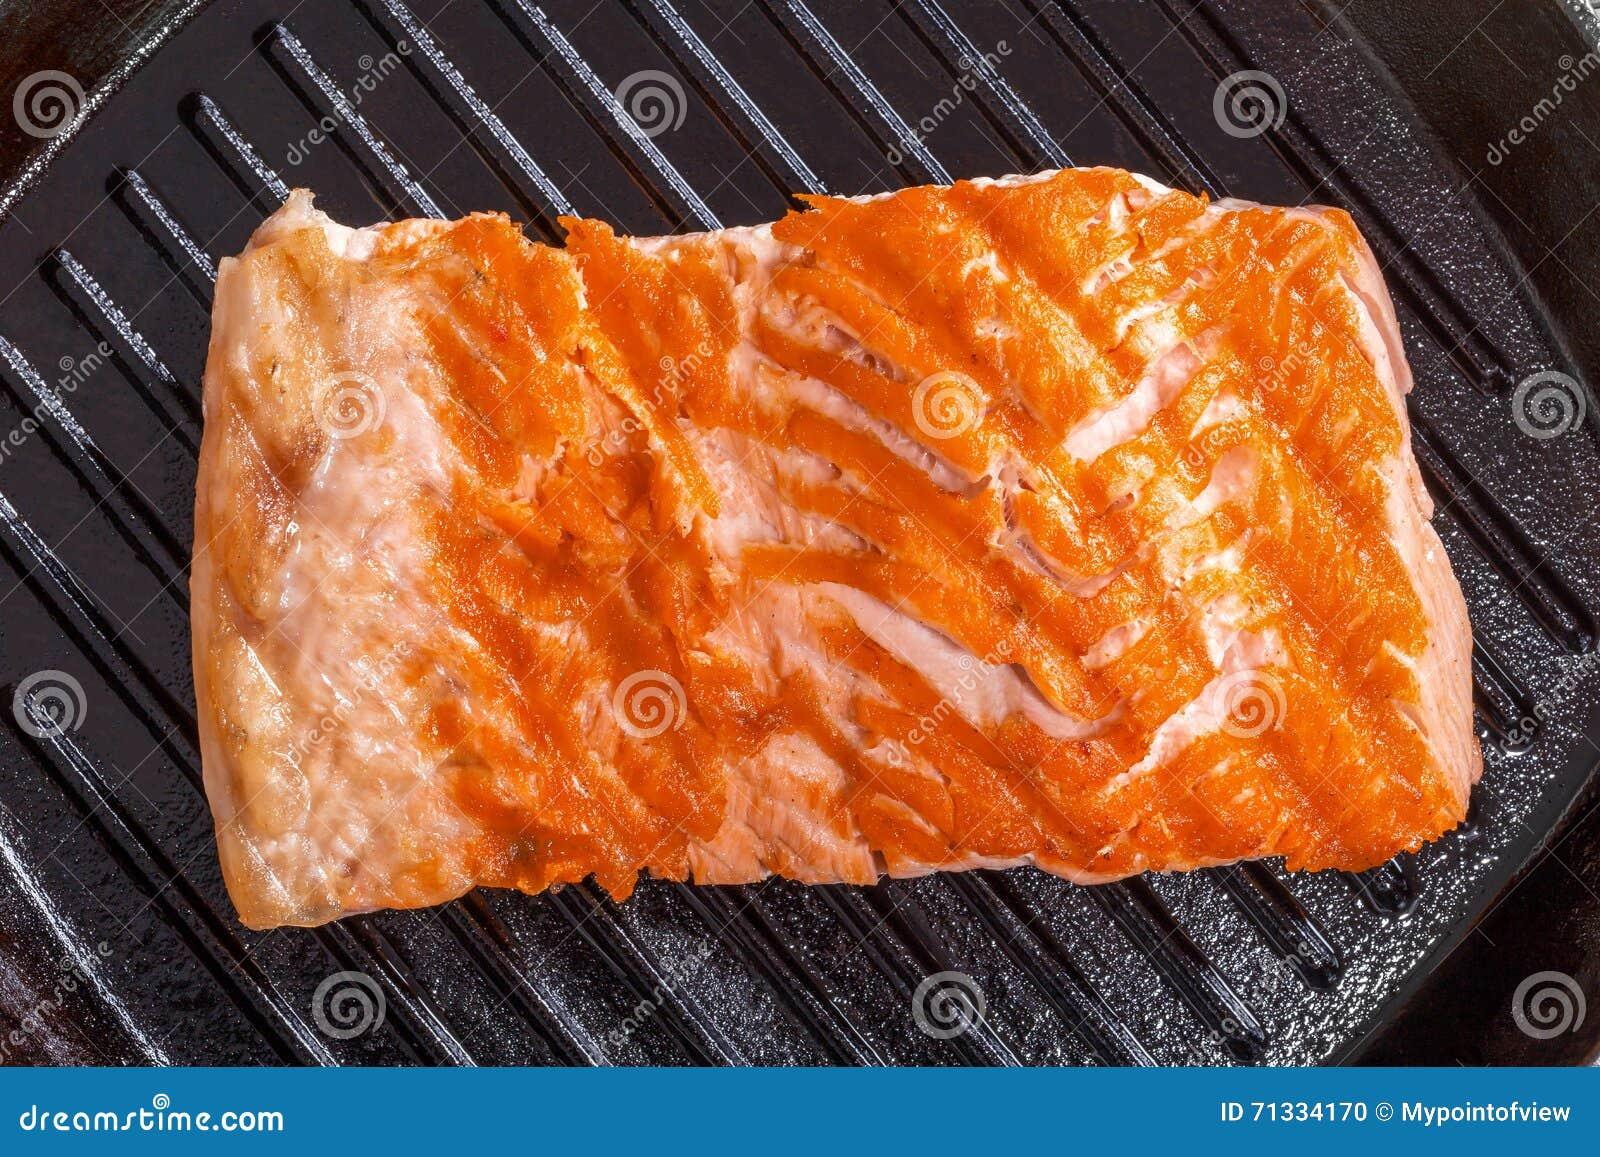 Salmon steak on a iron gril pan